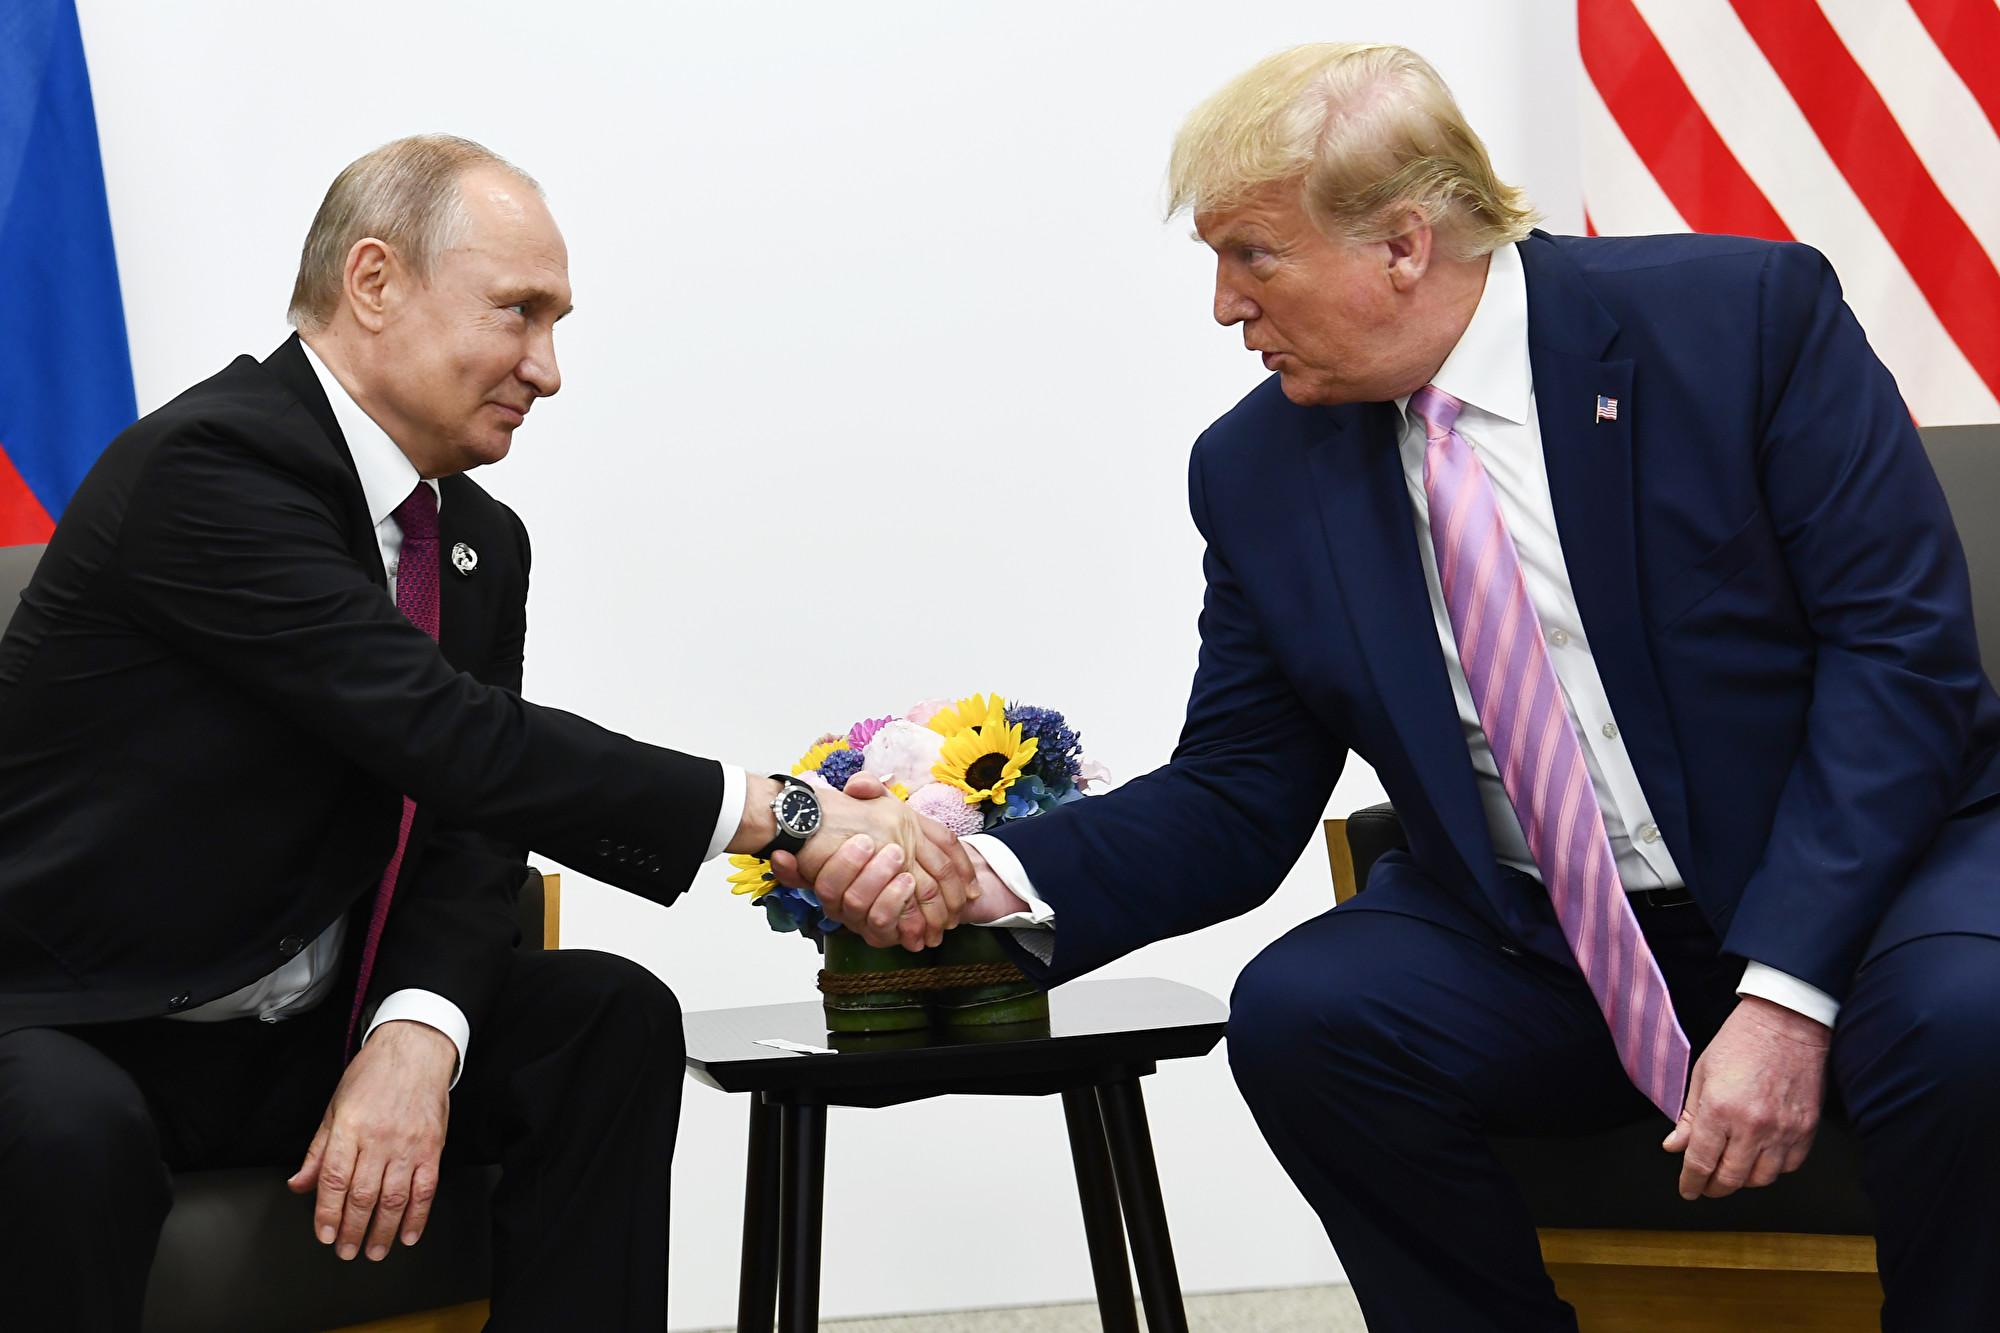 特朗普和普京通話 談及一個和北京有關議題